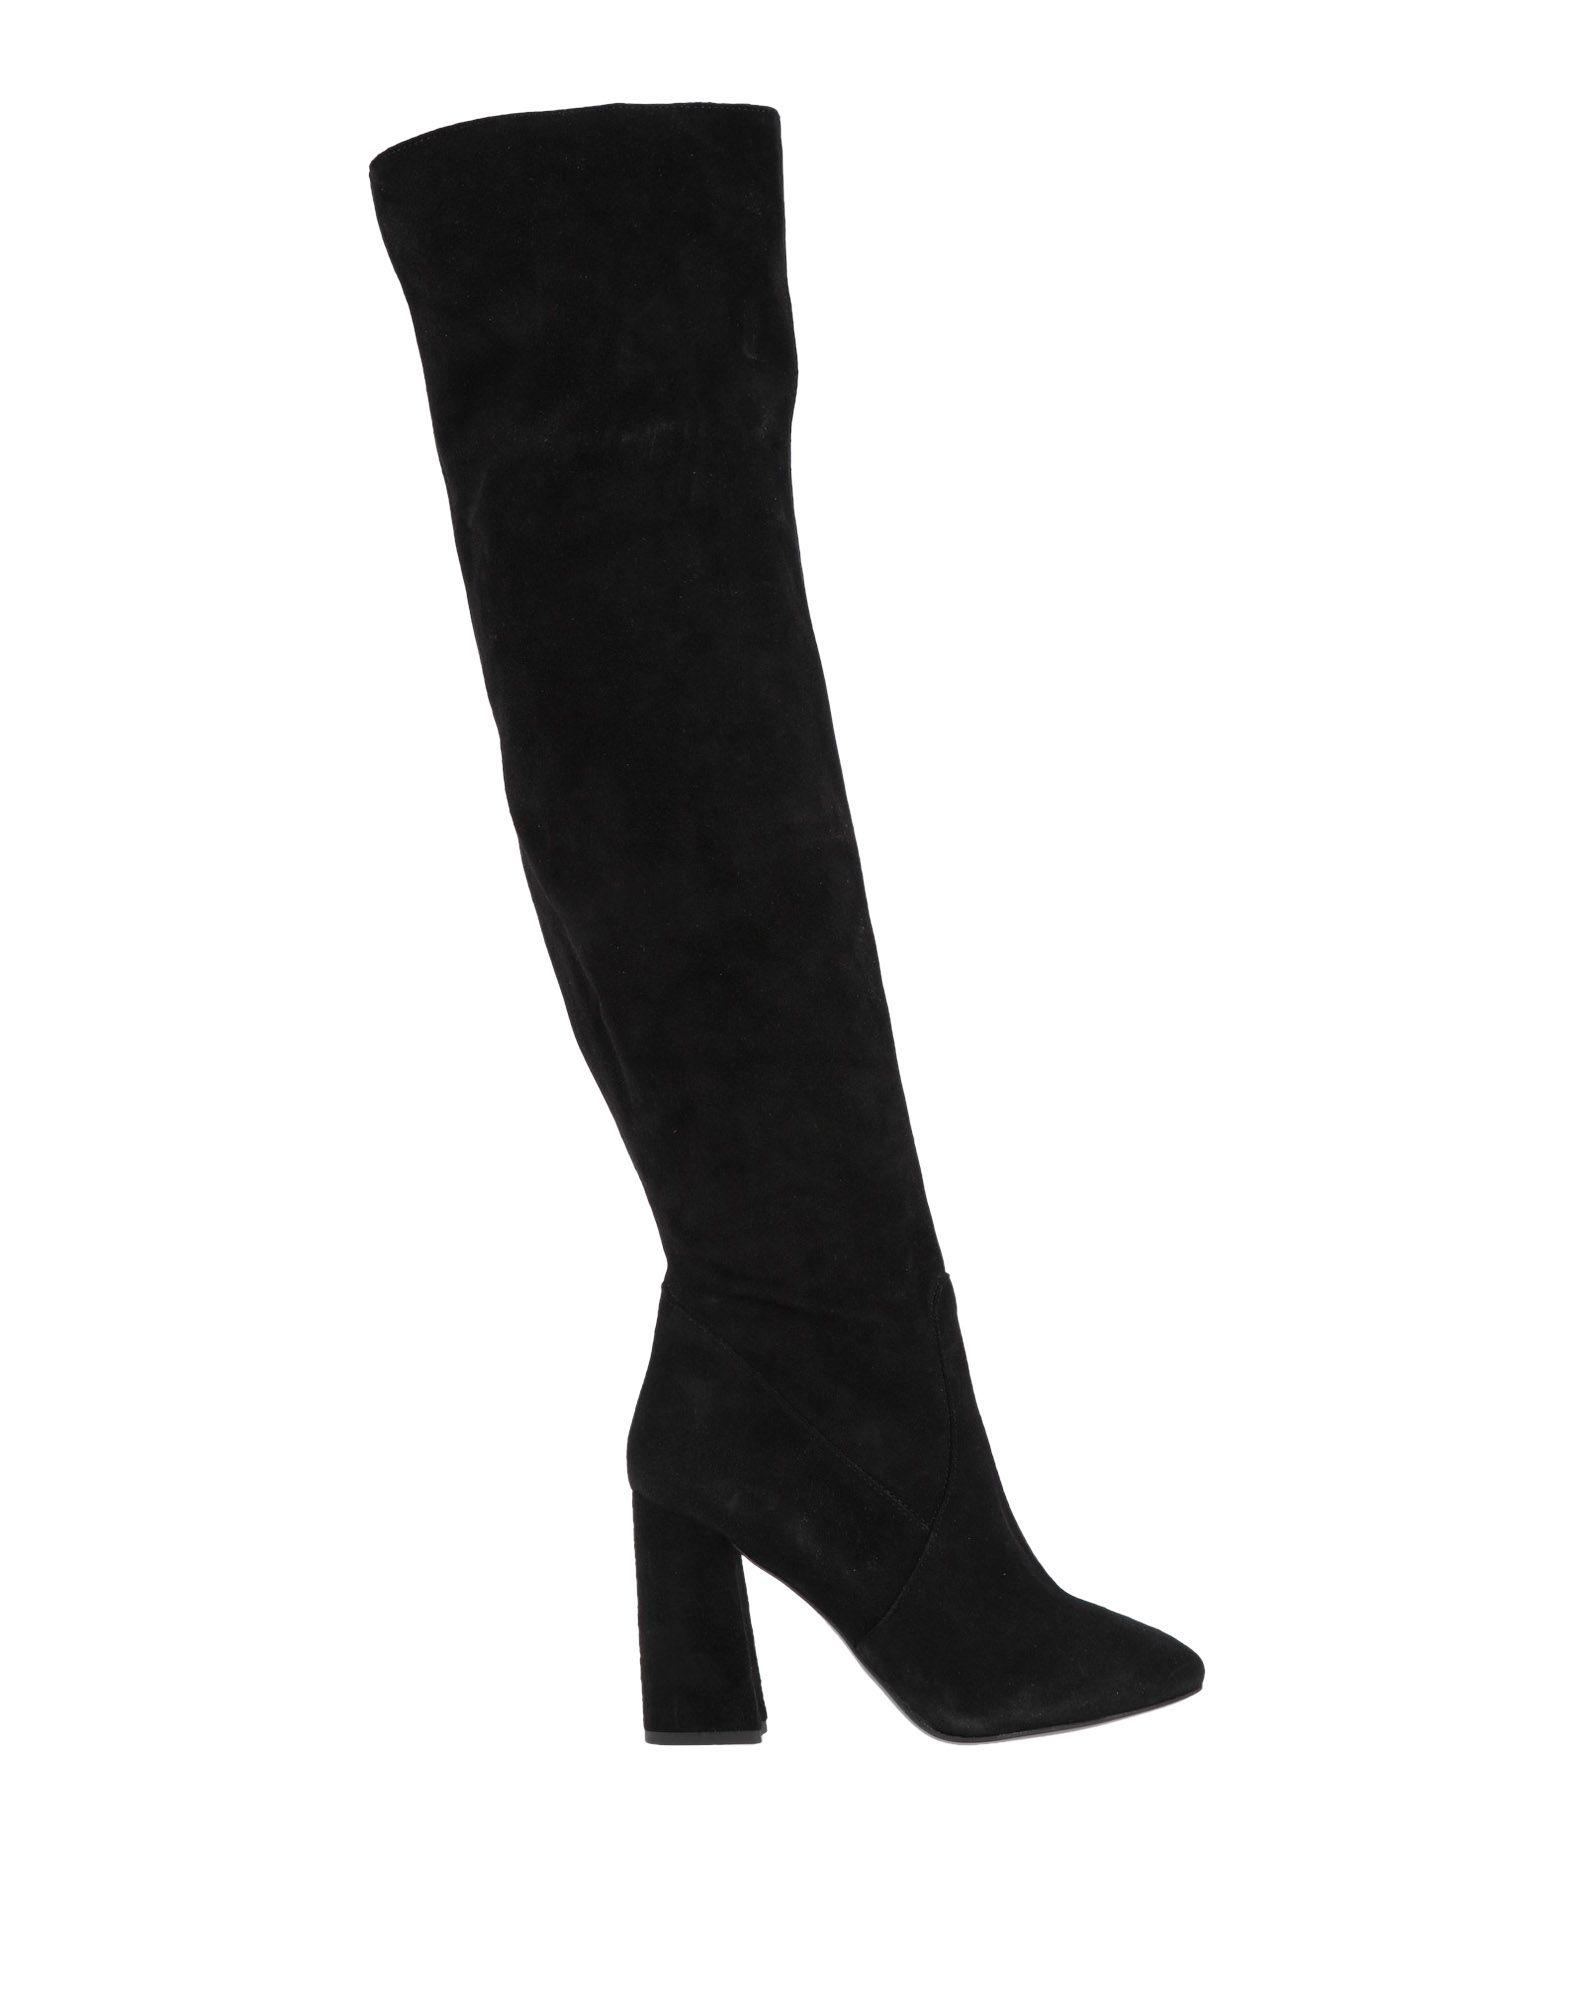 Moda Stivali Unlace Donna Donna Unlace - 11539072RB 16d26b